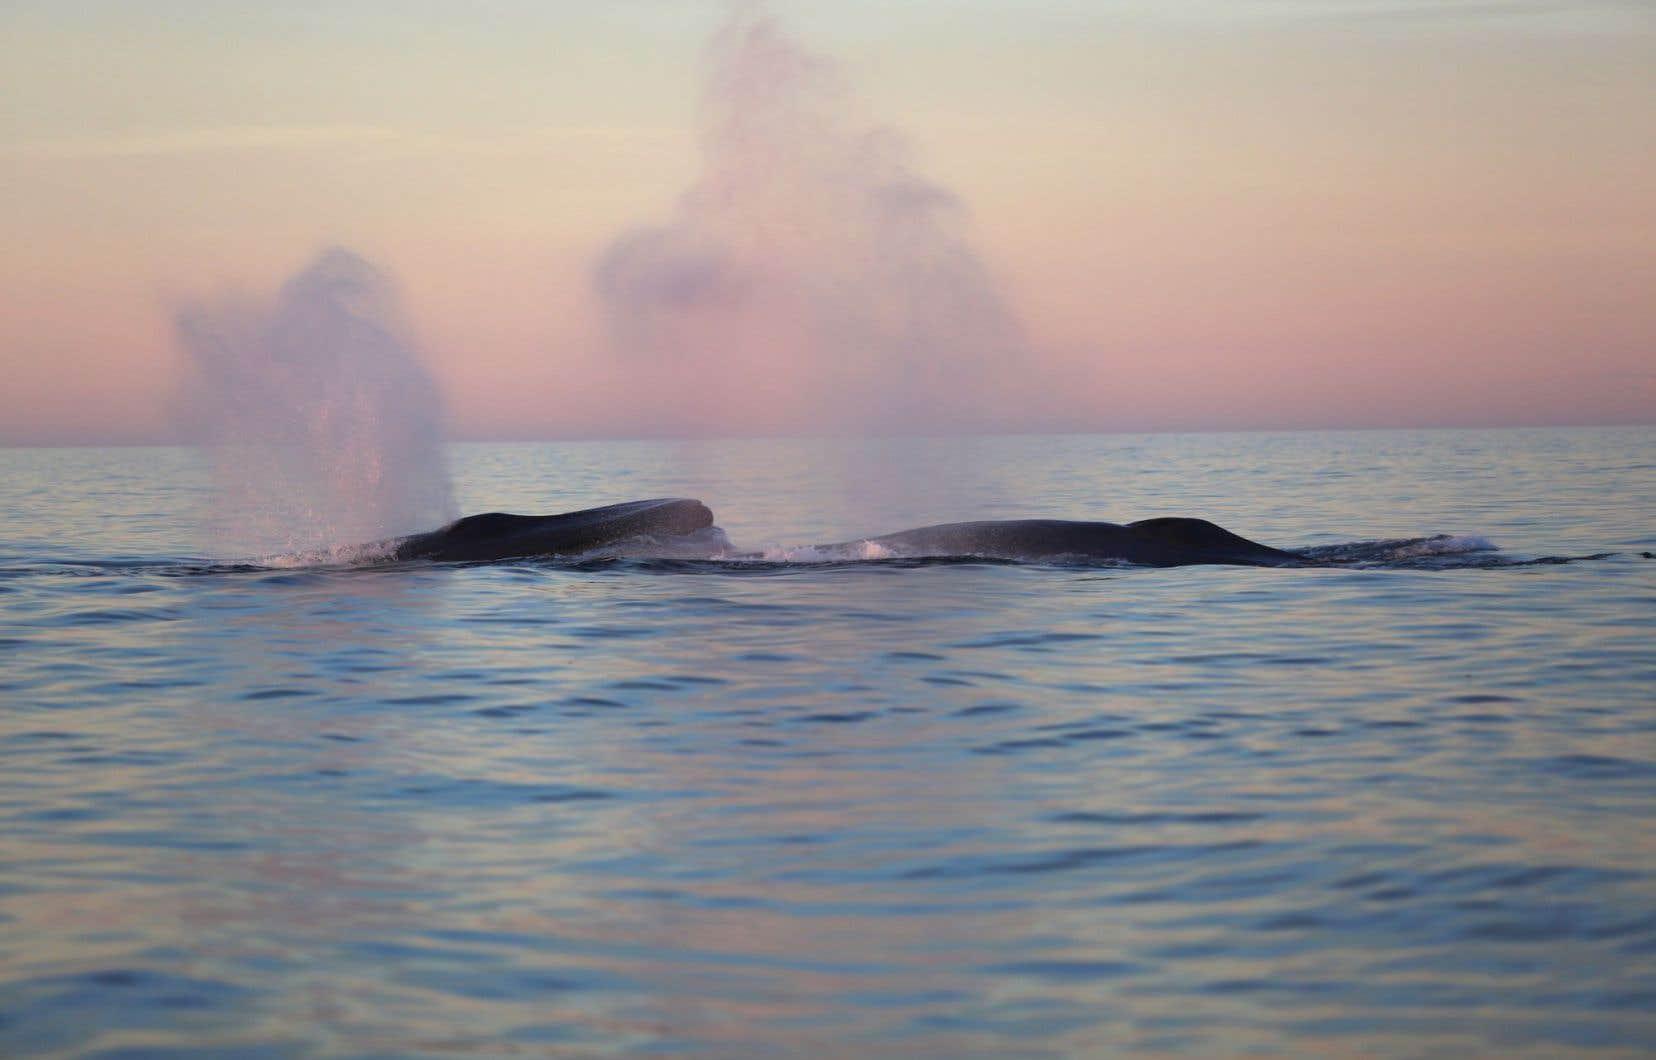 Les travaux de recherche menés depuis plusieurs années devraient permettre de déterminer prochainement l'«habitat critique» de la baleine bleue dans les eaux canadiennes.